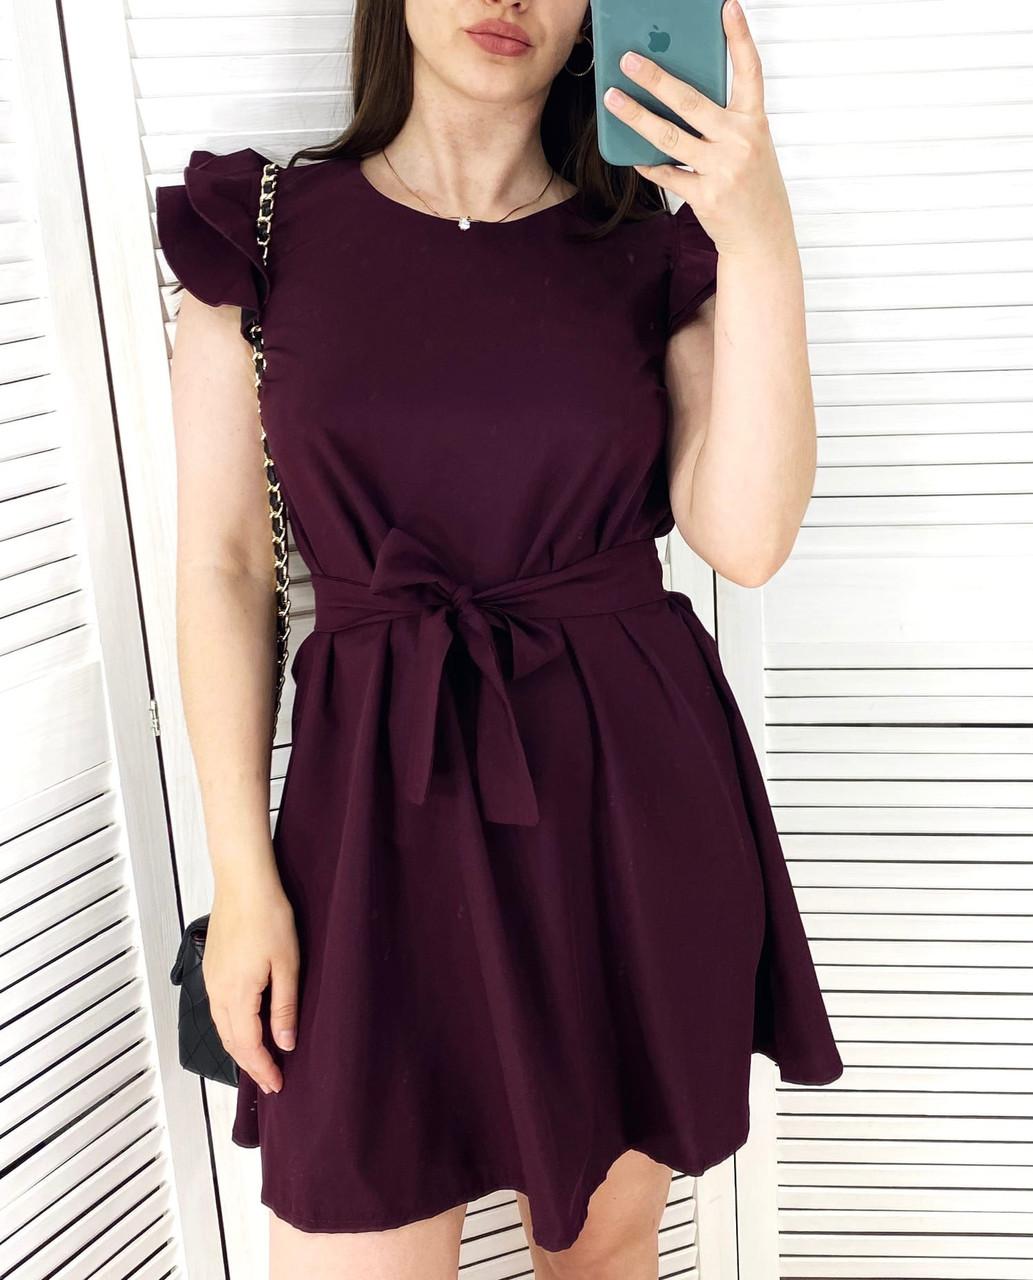 Короткое женское платье свободного кроя с поясом, рукав-двойной рюш